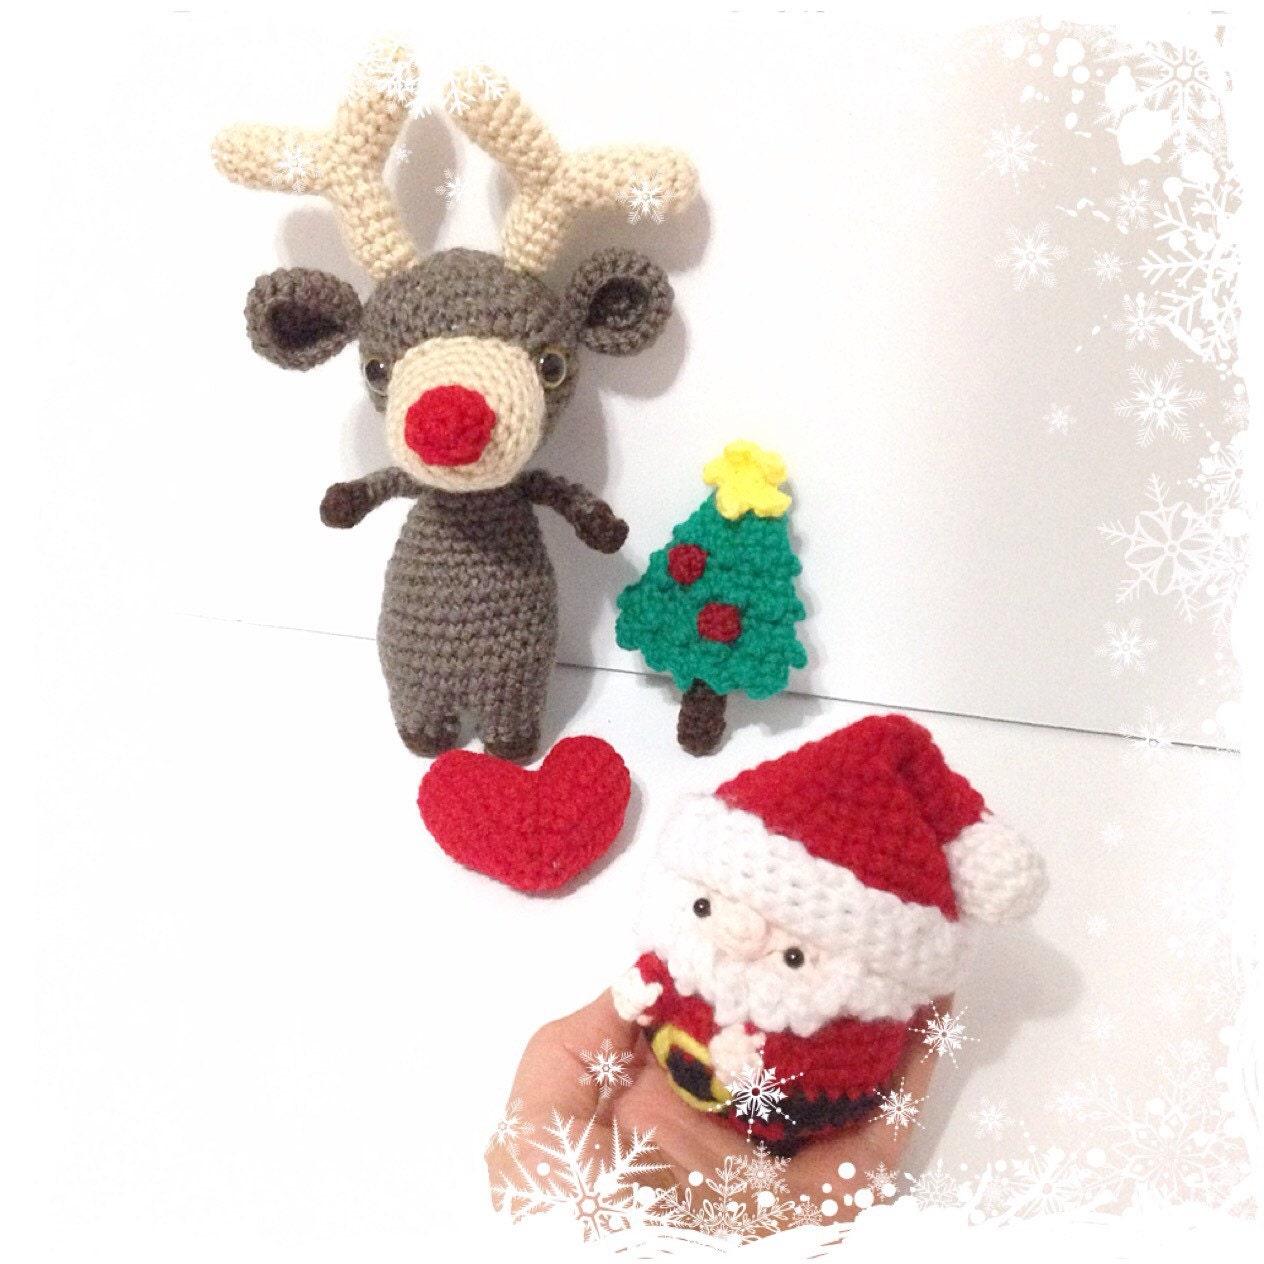 Christmas Reindeer Amigurumi : Amigurumi Reindeer Amigurumi Santa Crochet Reindeer Crochet